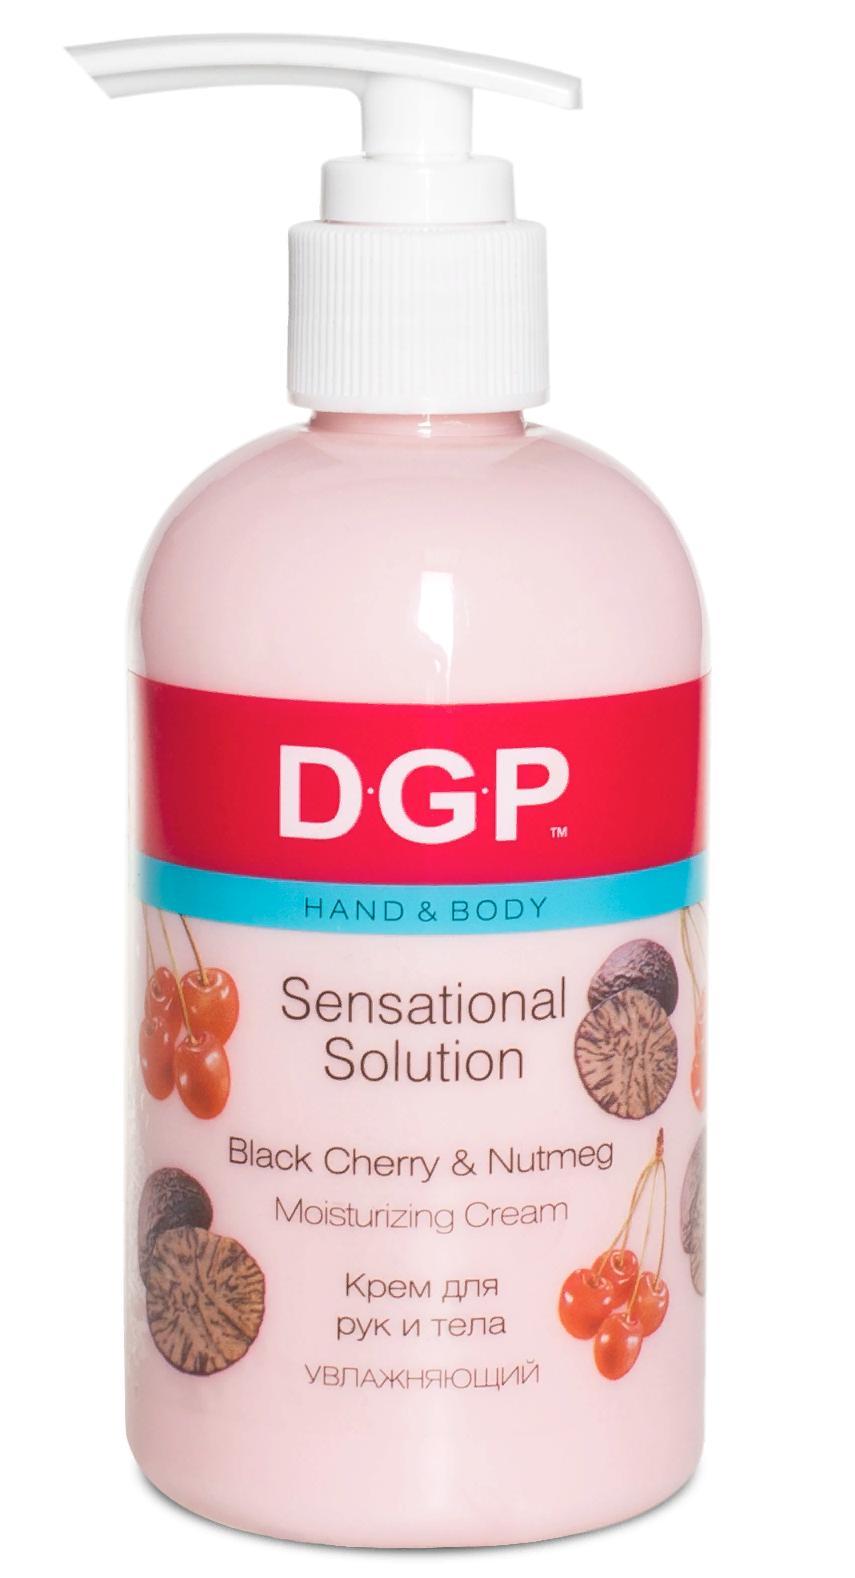 DOMIX GREEN PROFESSIONAL Крем увлажняющий для рук и тела / Sensational Solution DGP 260 мл